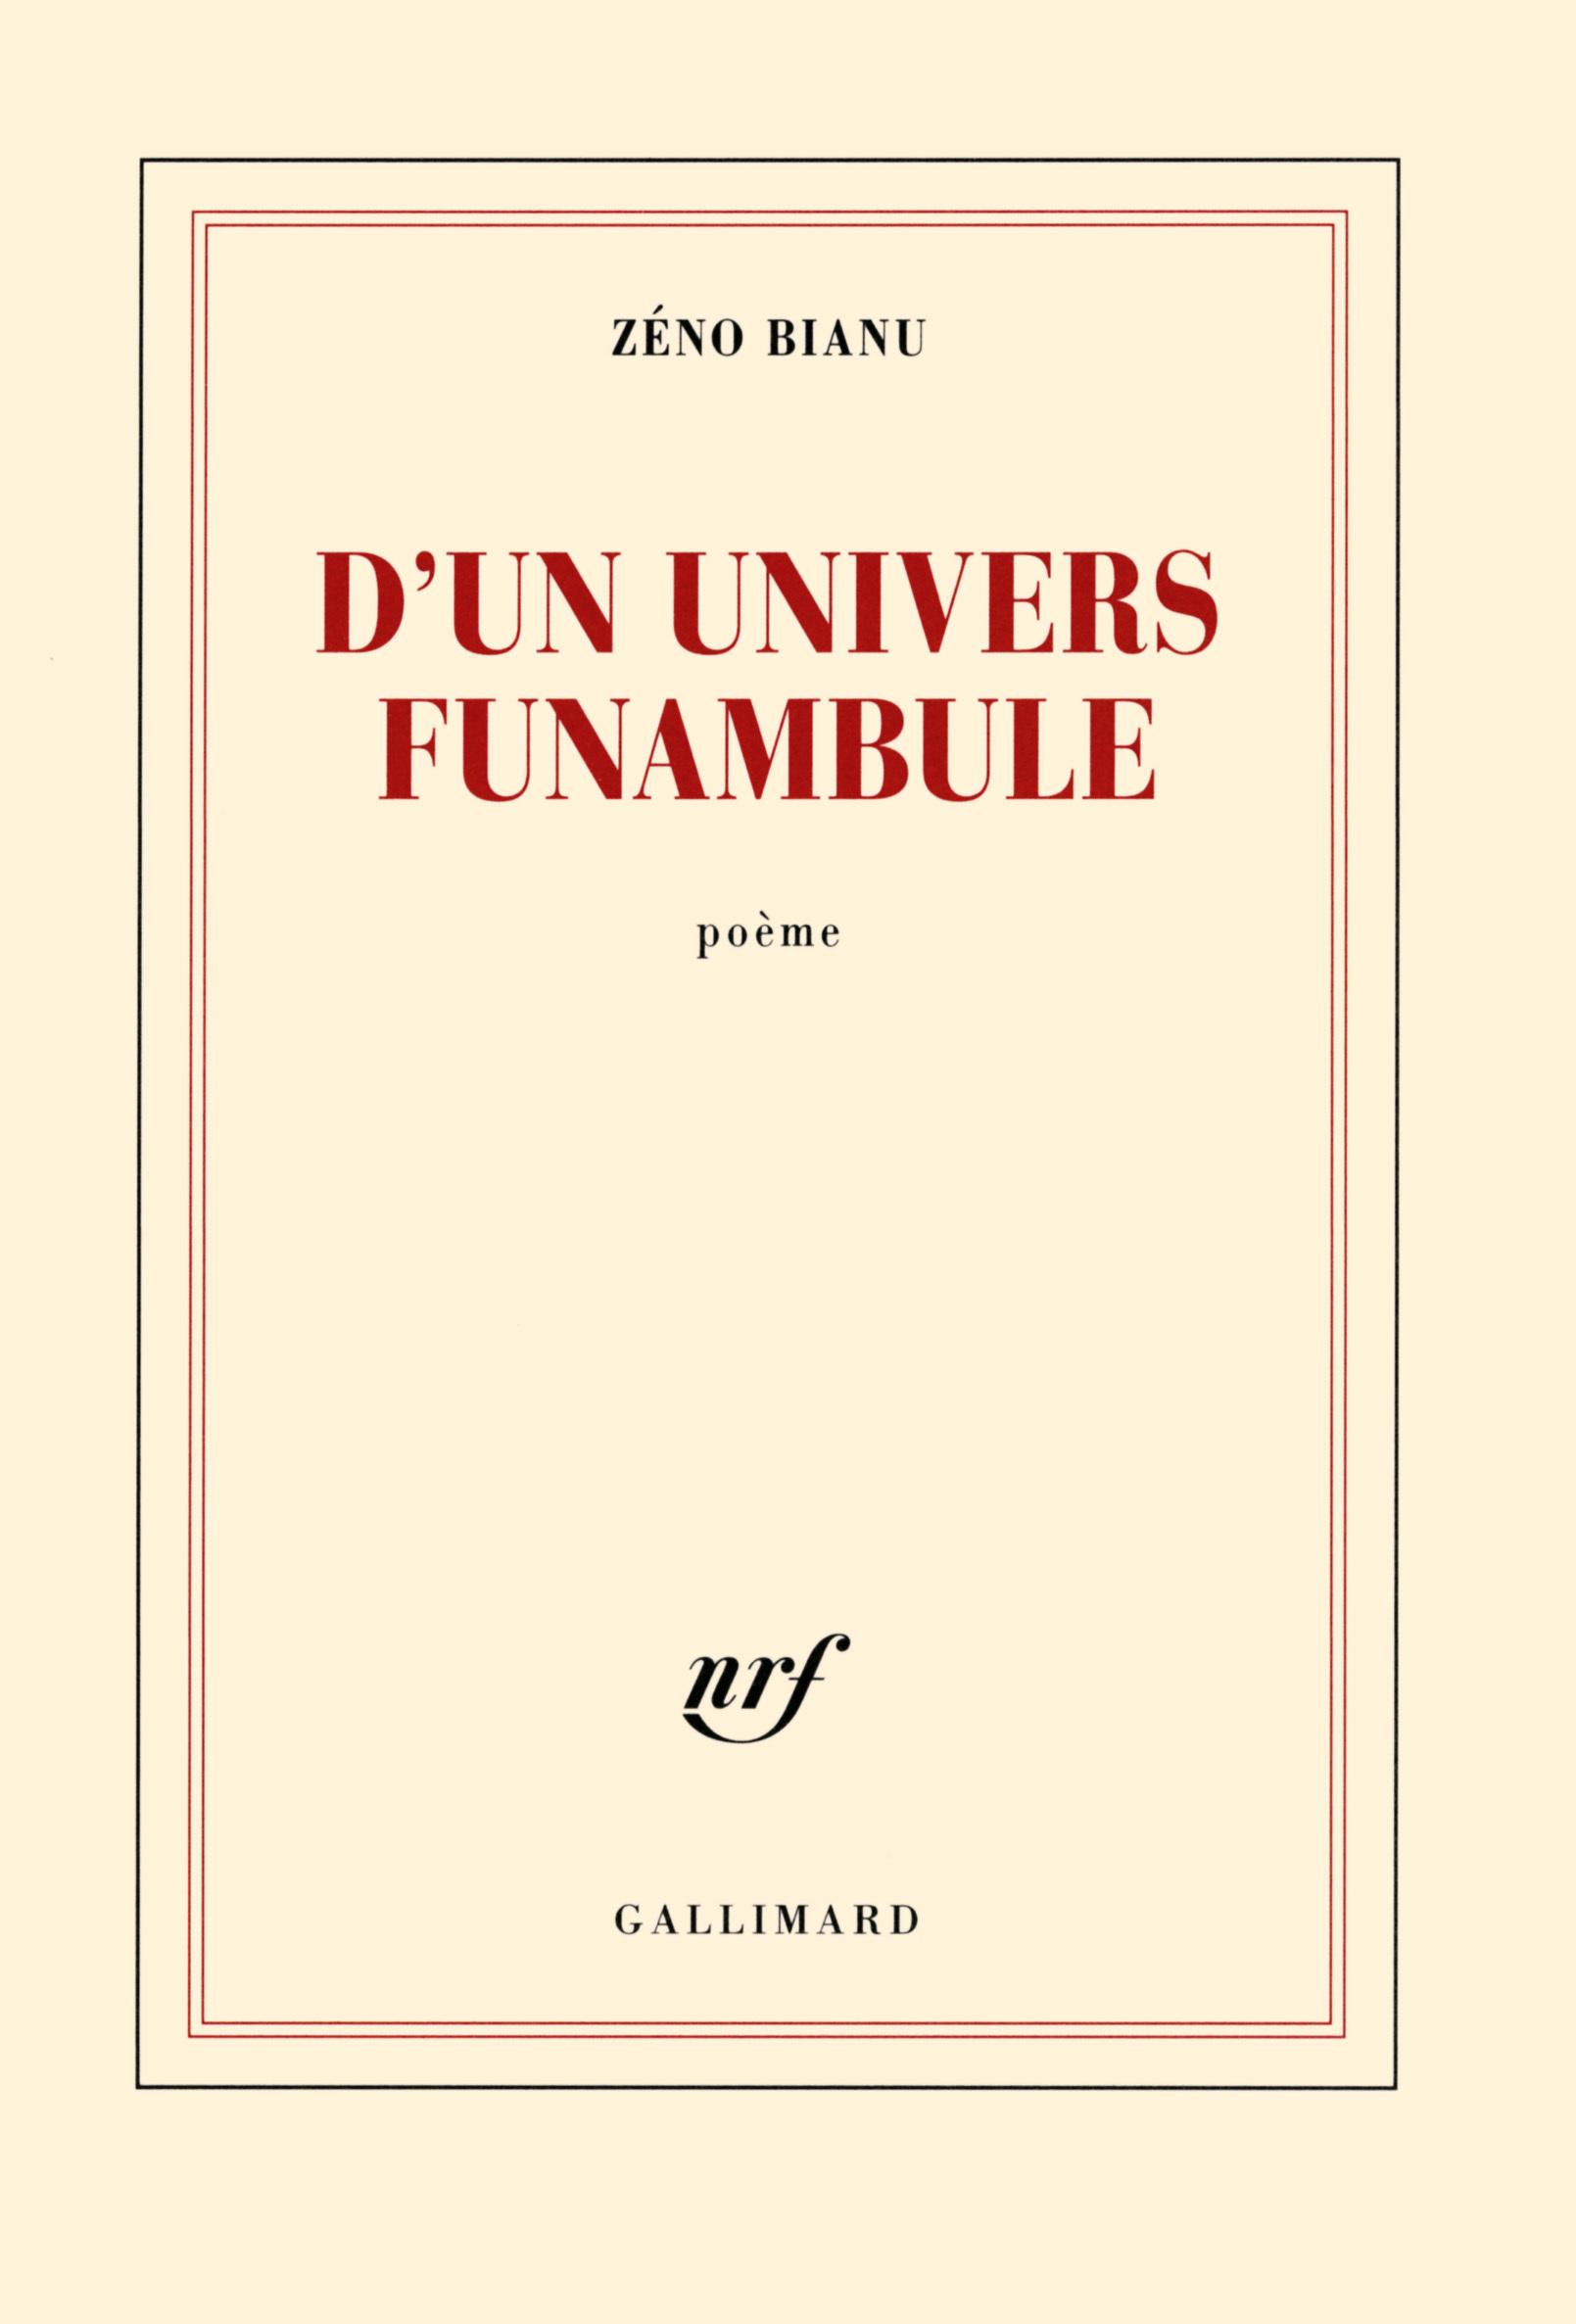 D'UN UNIVERS FUNAMBULE